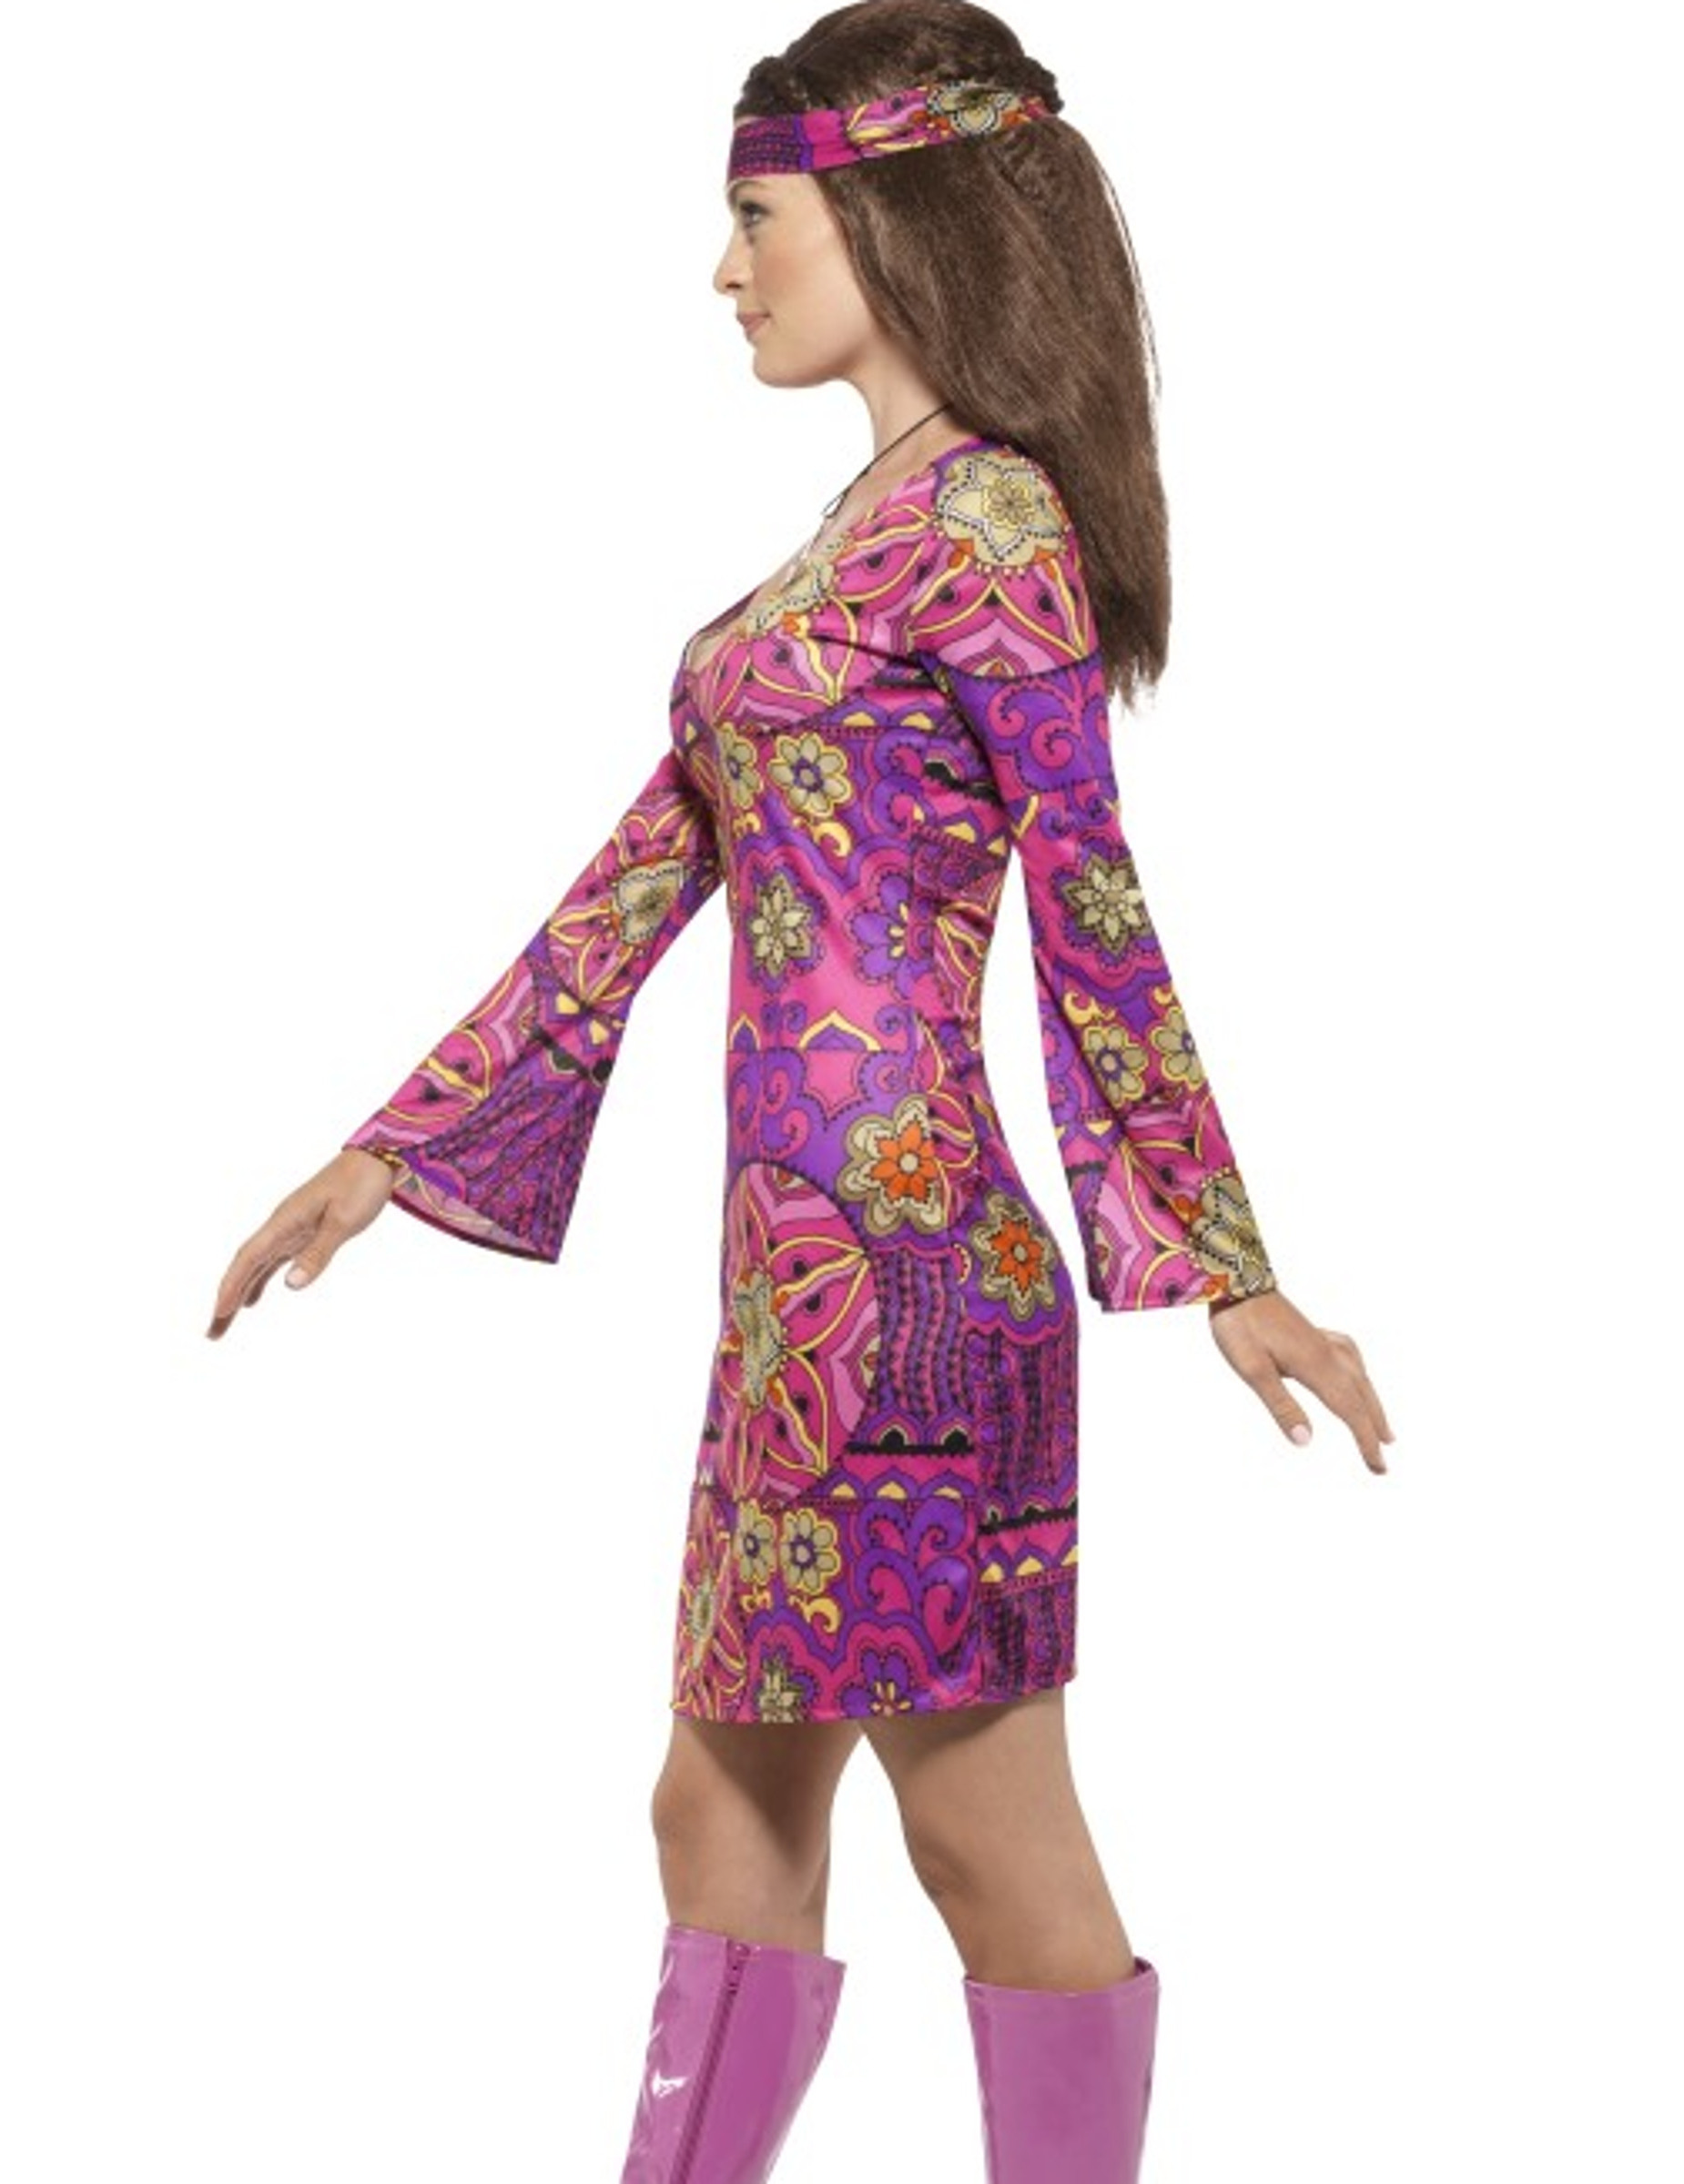 Déguisement hippie flower violet femme   Deguise-toi, achat de ... d69ac2454c7d